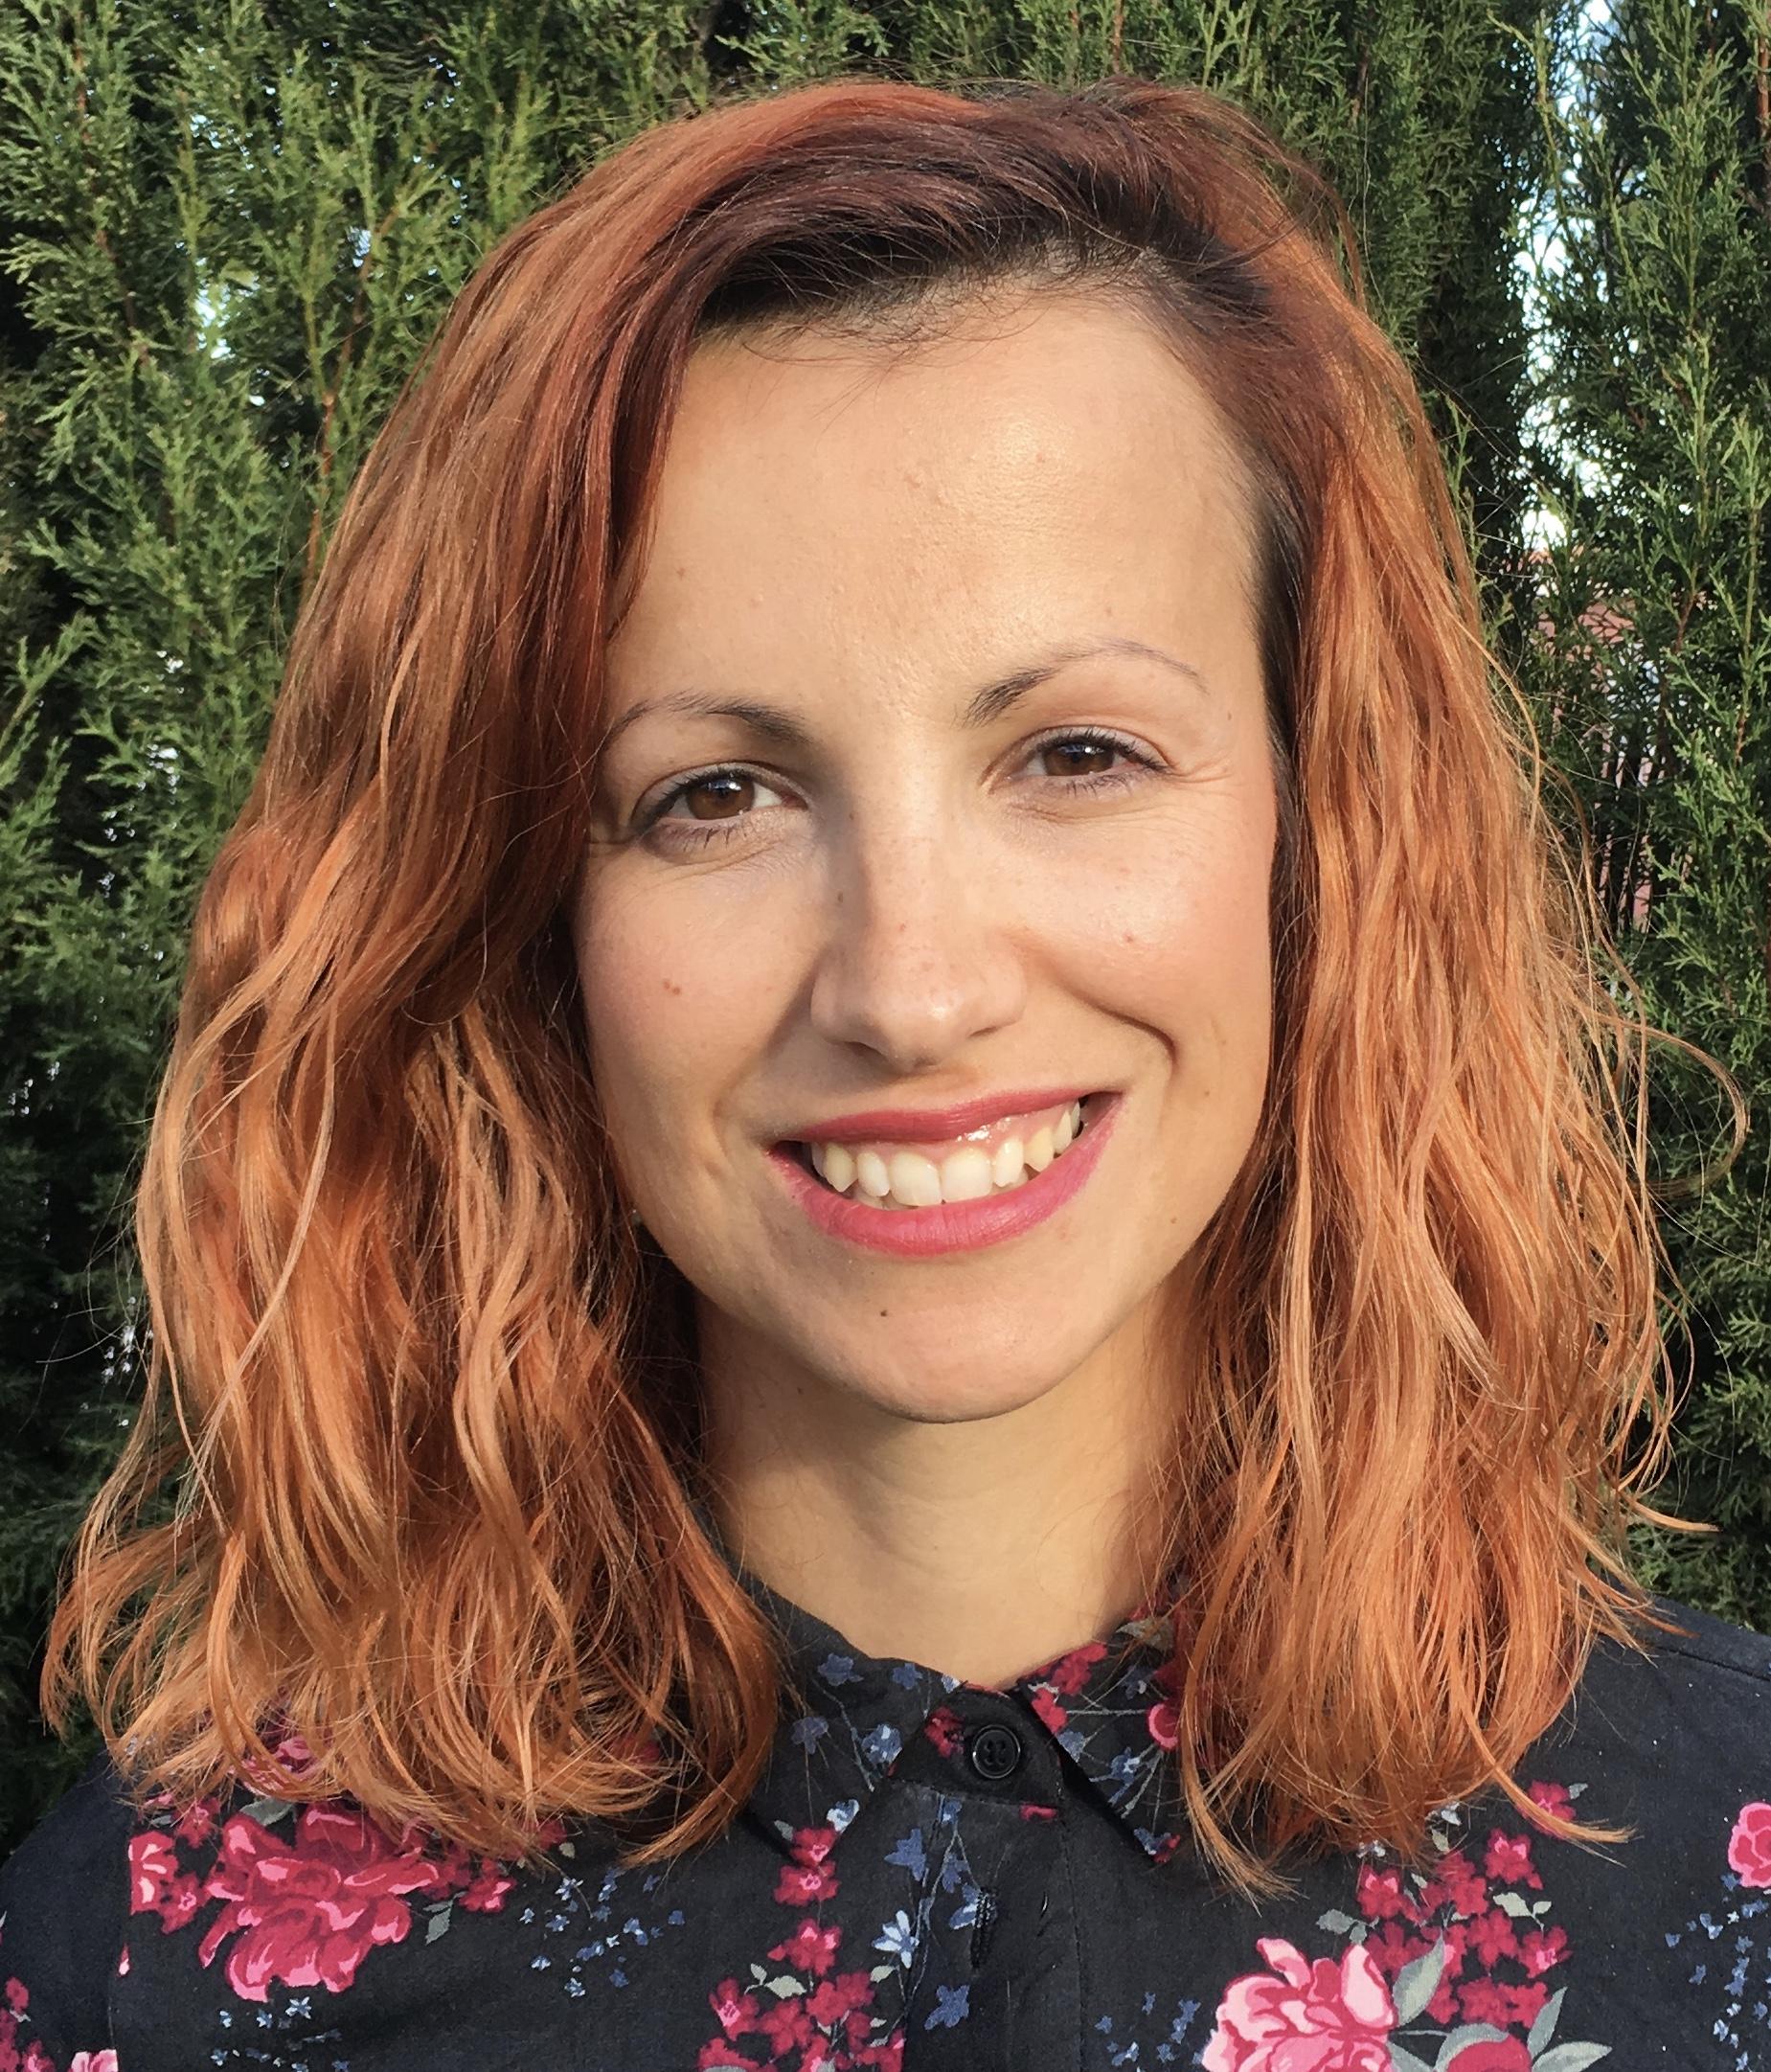 Marina Moreno Clases de canto Calpe Alicante